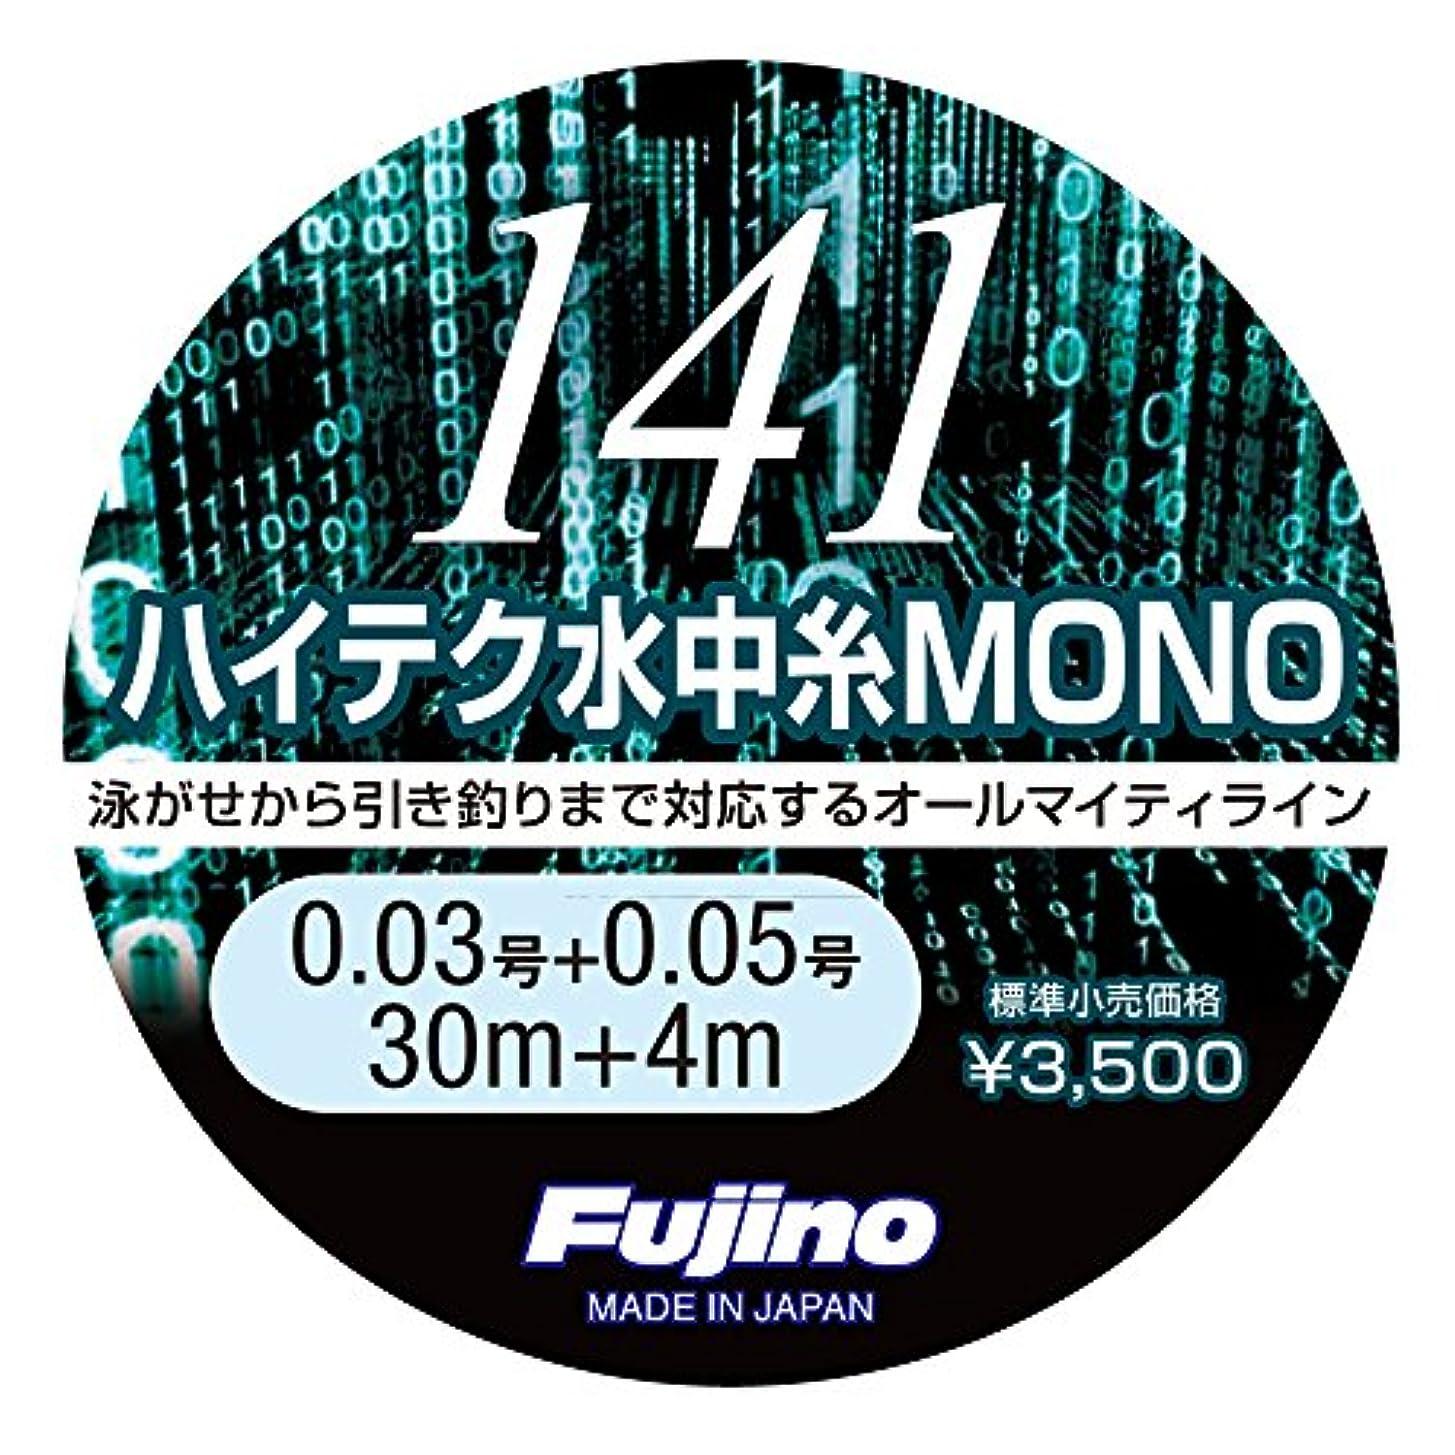 モンゴメリー処分した急襲Fujino(フジノ) ライン 141ハイテク水中糸MONO 30m+4m 0.03+0.05